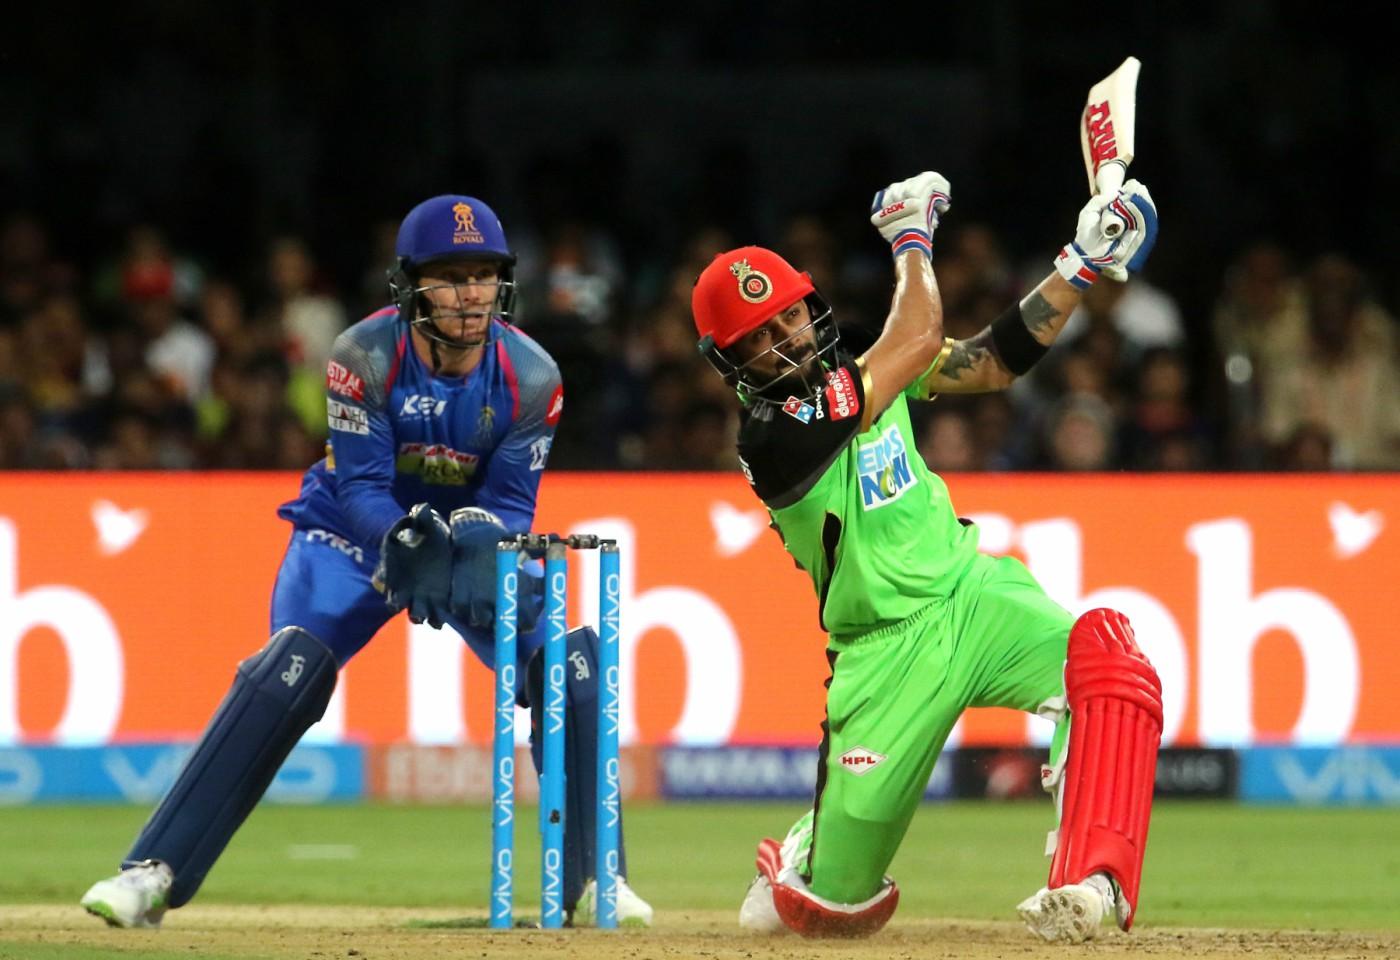 RCB vs RR  IPL 2018 MATCH No 11